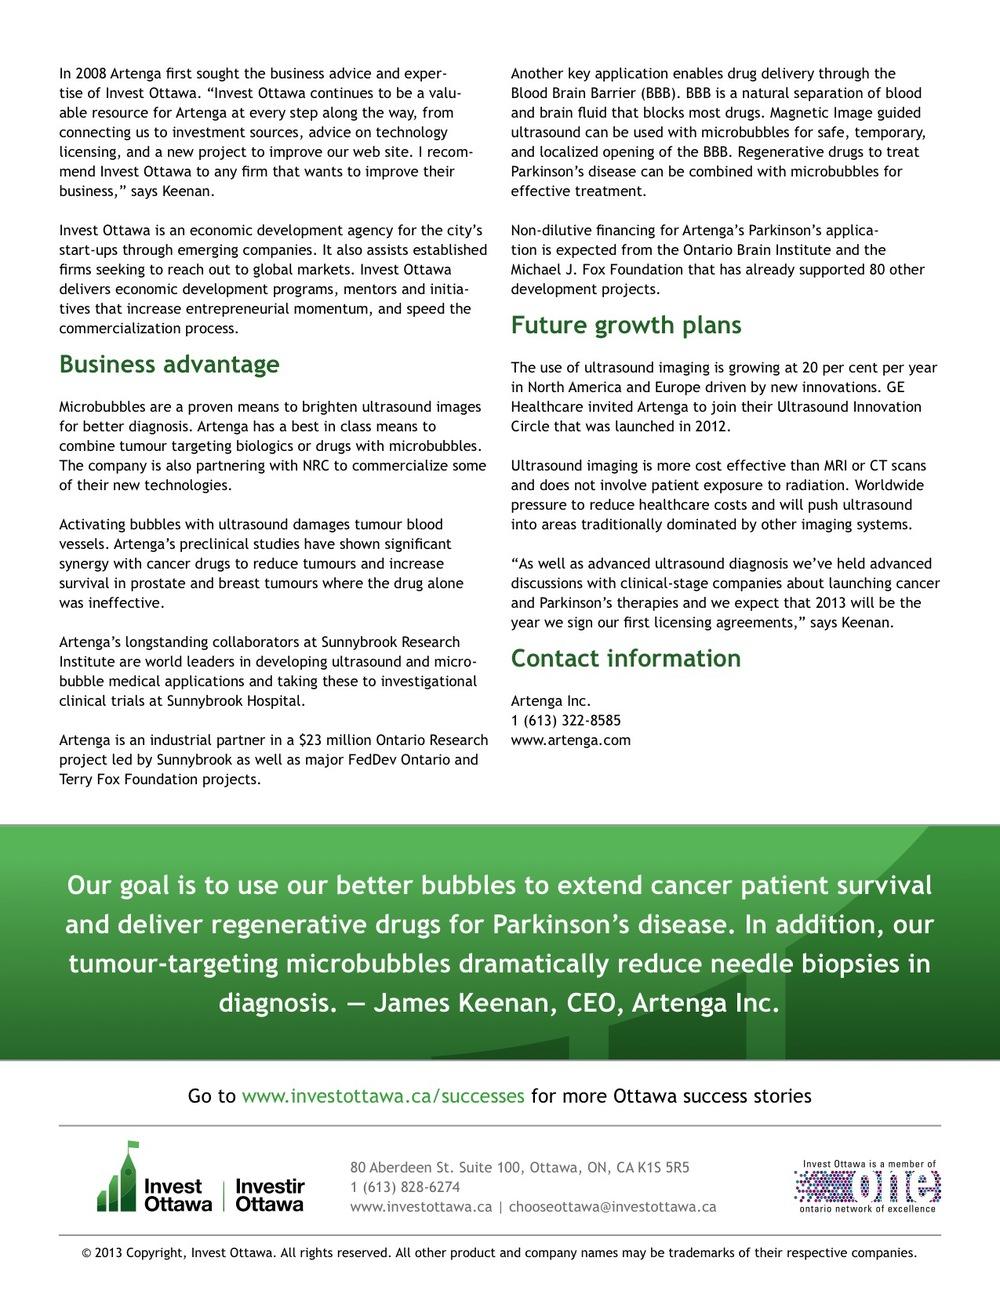 2013-05-24-InvestOttawa-Artenga-VIEW-page2.jpg